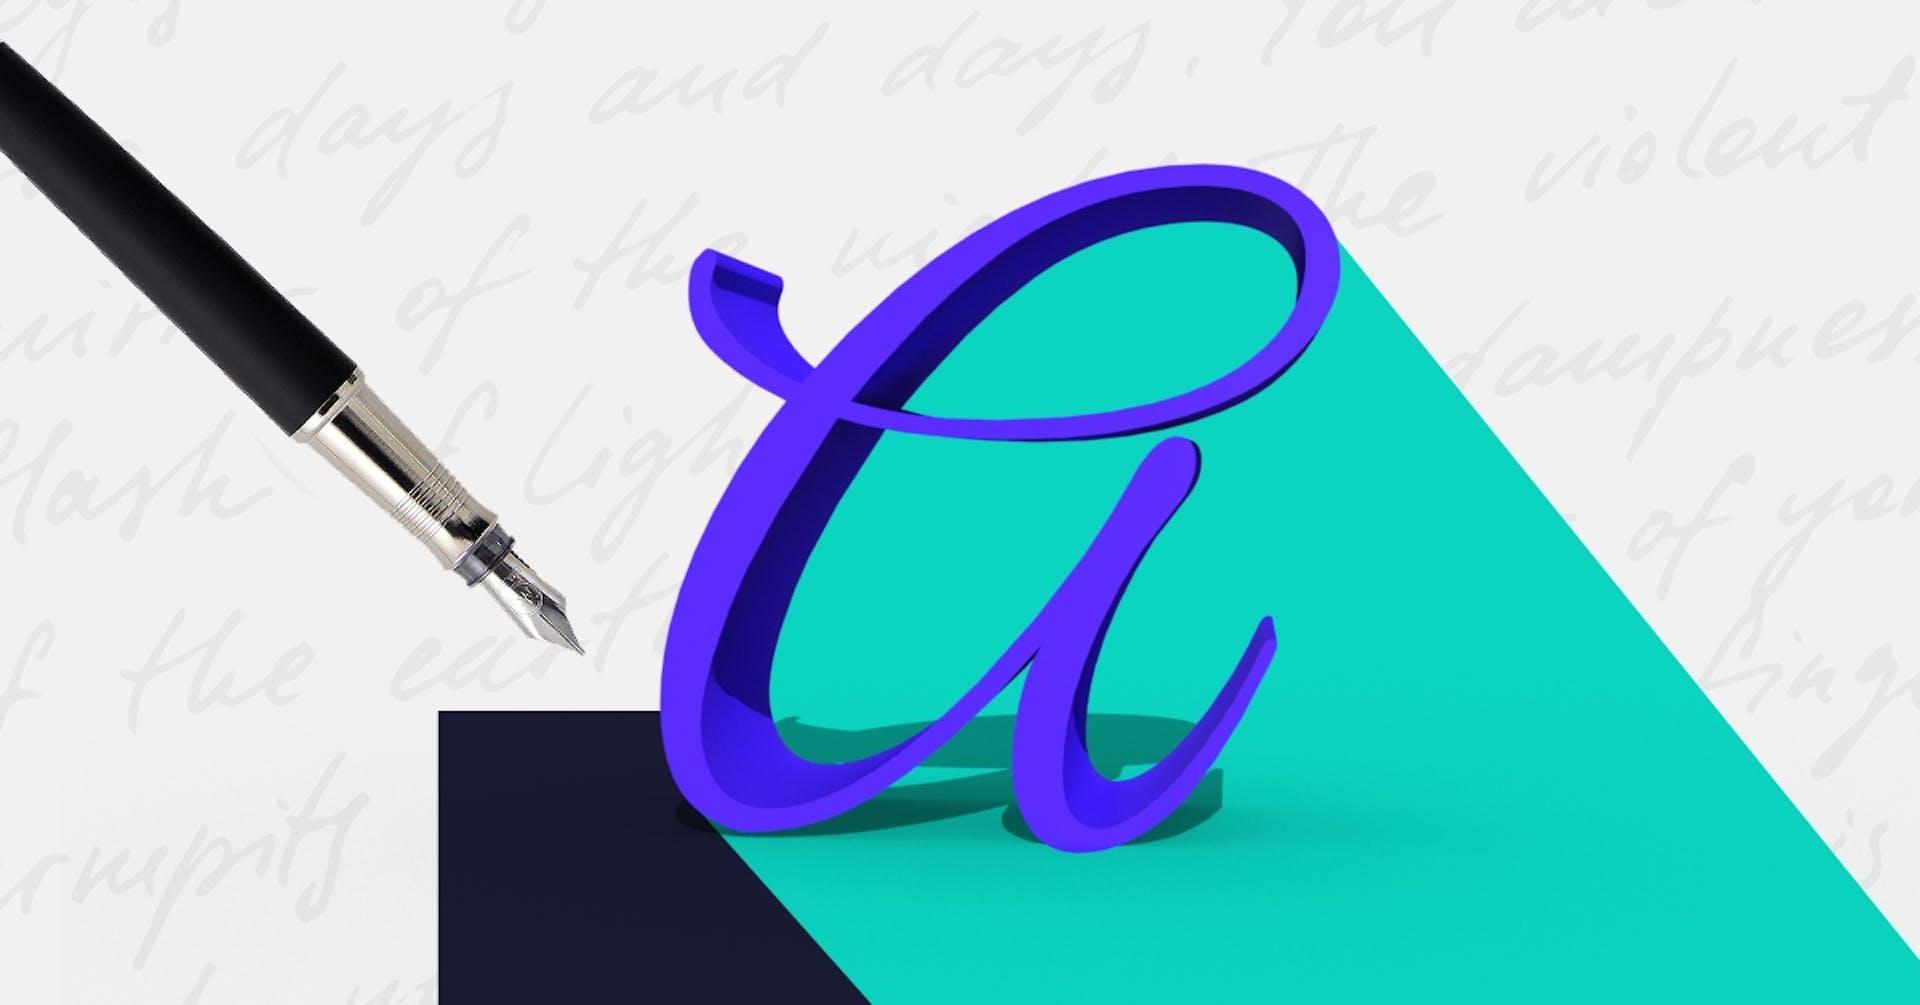 Secretos de la caligrafía artística para que tu letra sea excepcional